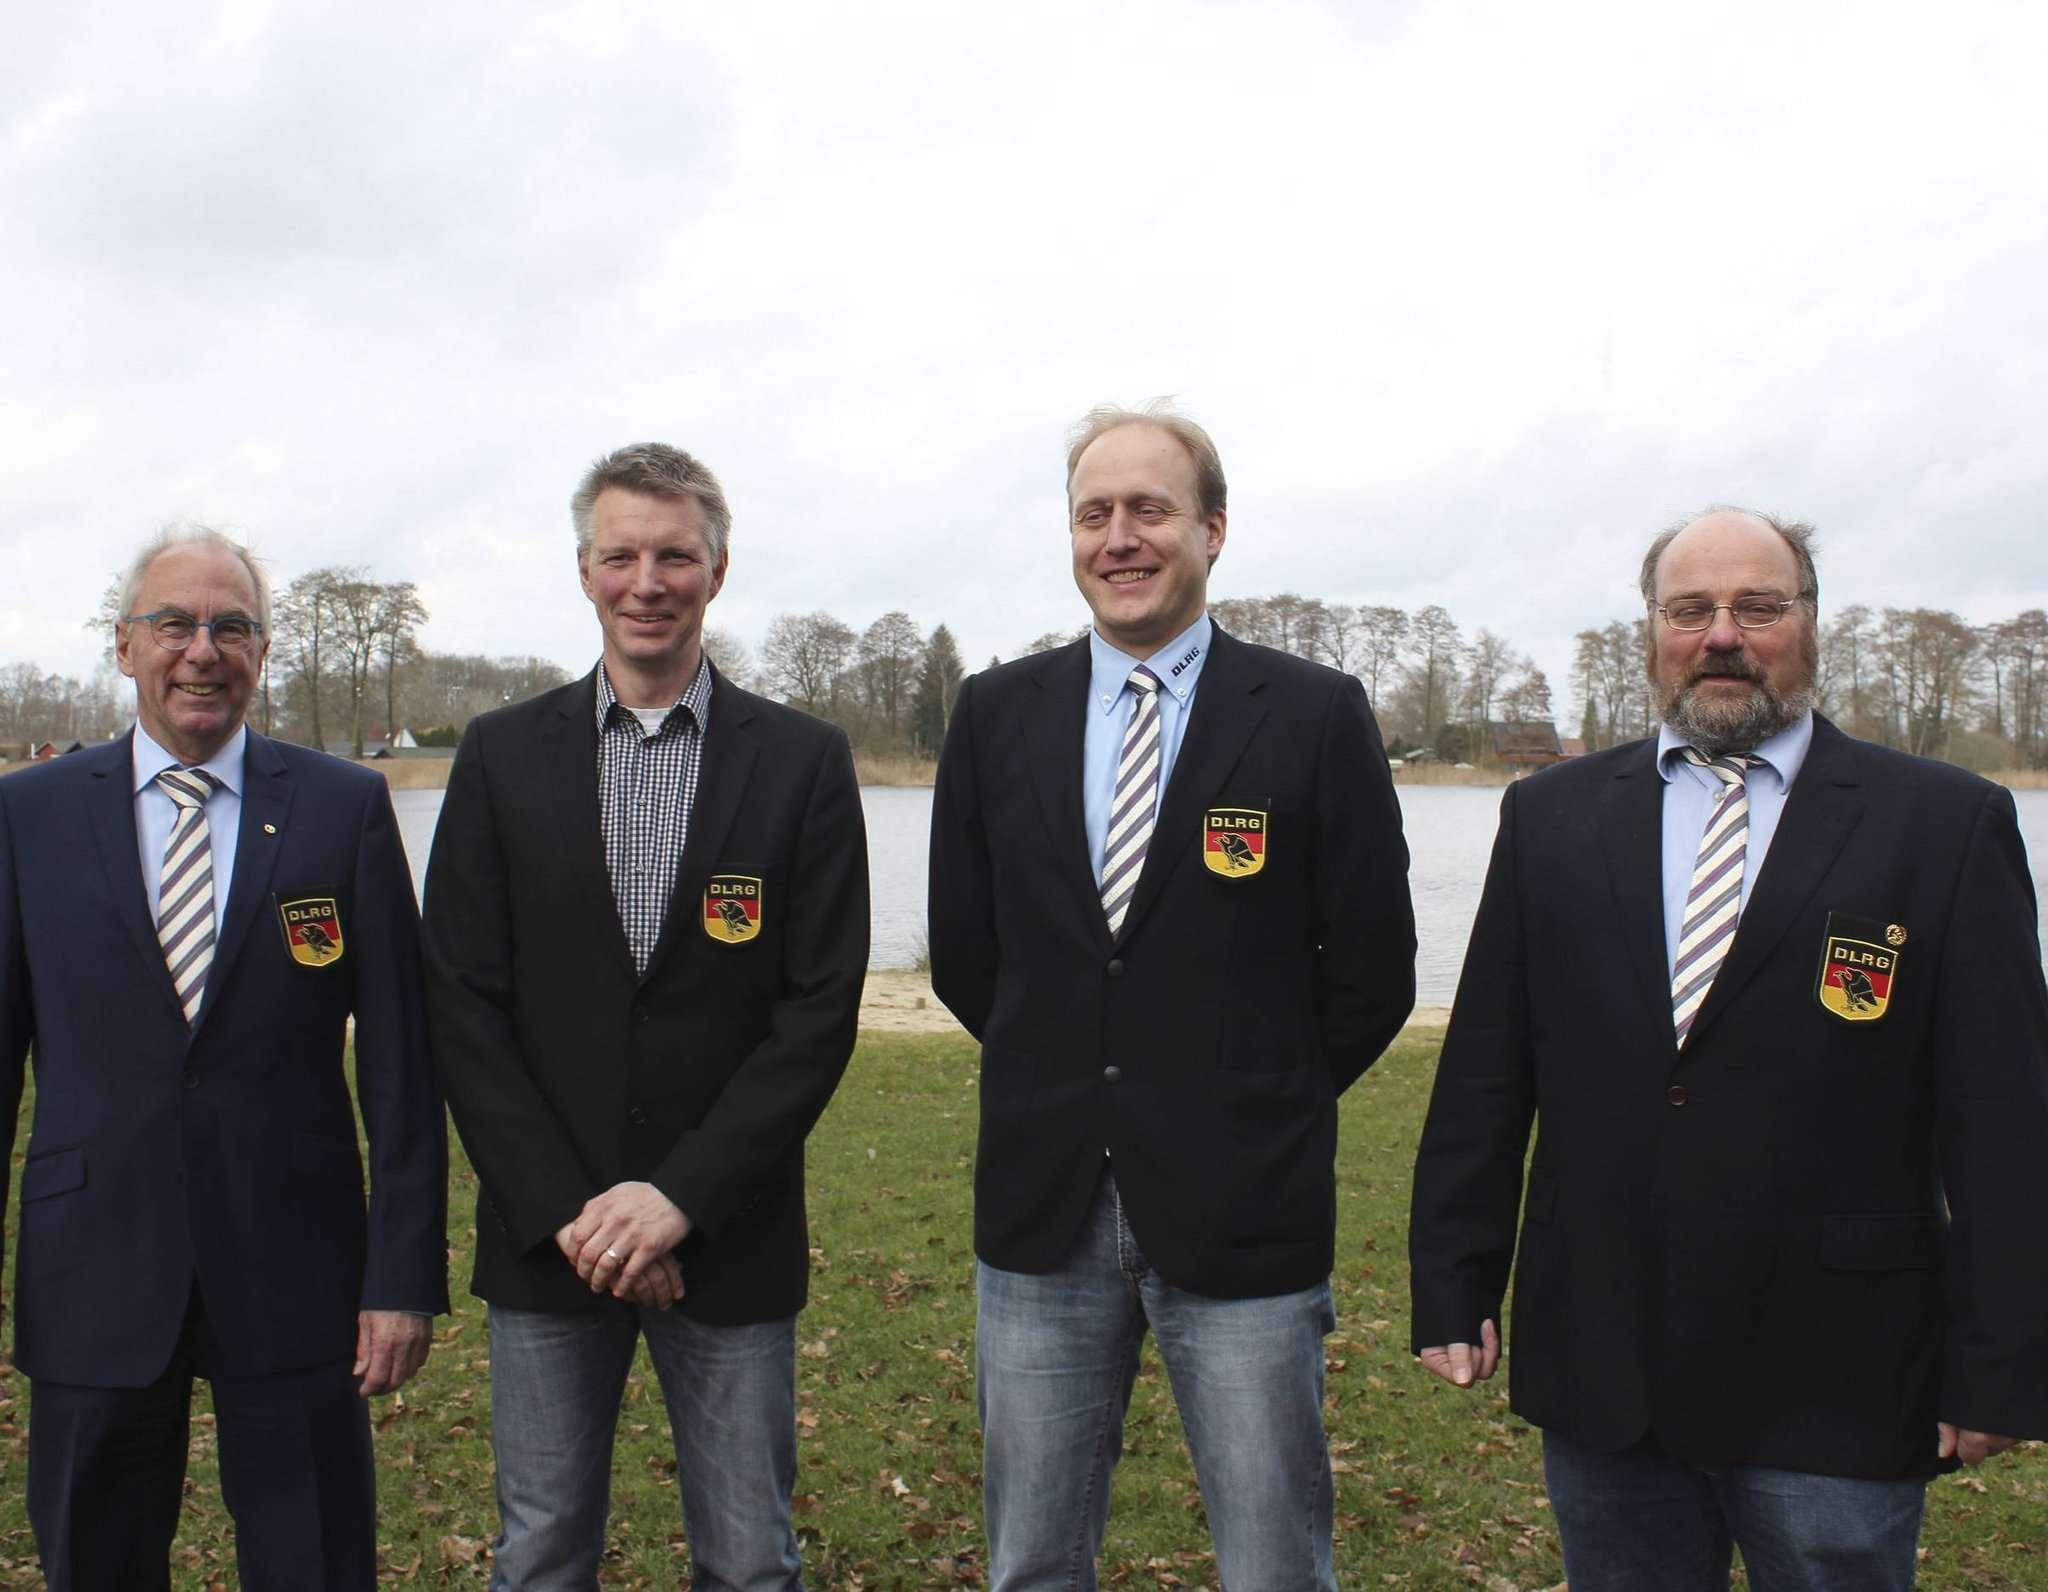 Stellten sich für den Fotografen vor dem 12.000 Jahre alten Otterstedter See auf (von links): Jürgen Seidel, Lars Dammann, Arne Teichert und Hinrich Rache